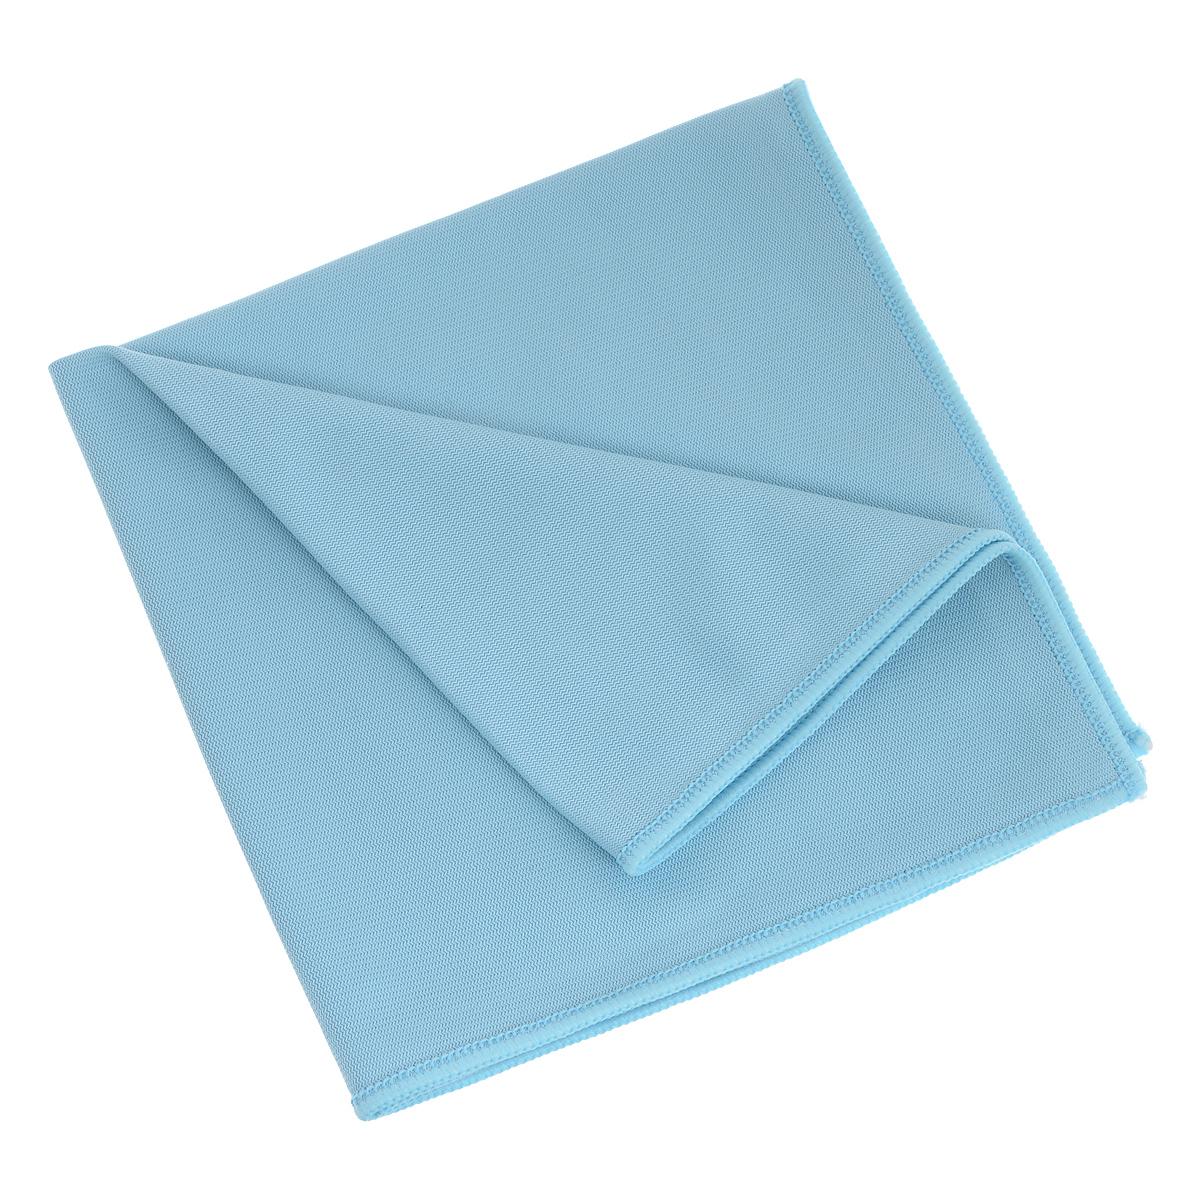 Салфетка для стекол и зеркал Bioclean Fine-Line, цвет: голубой, 40 см х 40 смALF404BLСалфетка Bioclean Profi изготовлена из микрофибры. Предназначена для мытья стекол, зеркал и хромированных поверхностей, для полировки посуды, бокалов и ювелирных изделий. Эффективно и деликатно удаляет загрязнения, в том числе пятна и отпечатки пальцев. Безворсовая салфетка делает уборку и полировку легкой, быстрой и эффективной, позволяя значительно экономить средства и время. Состав: 80% полиэстер, 20% полиамид.